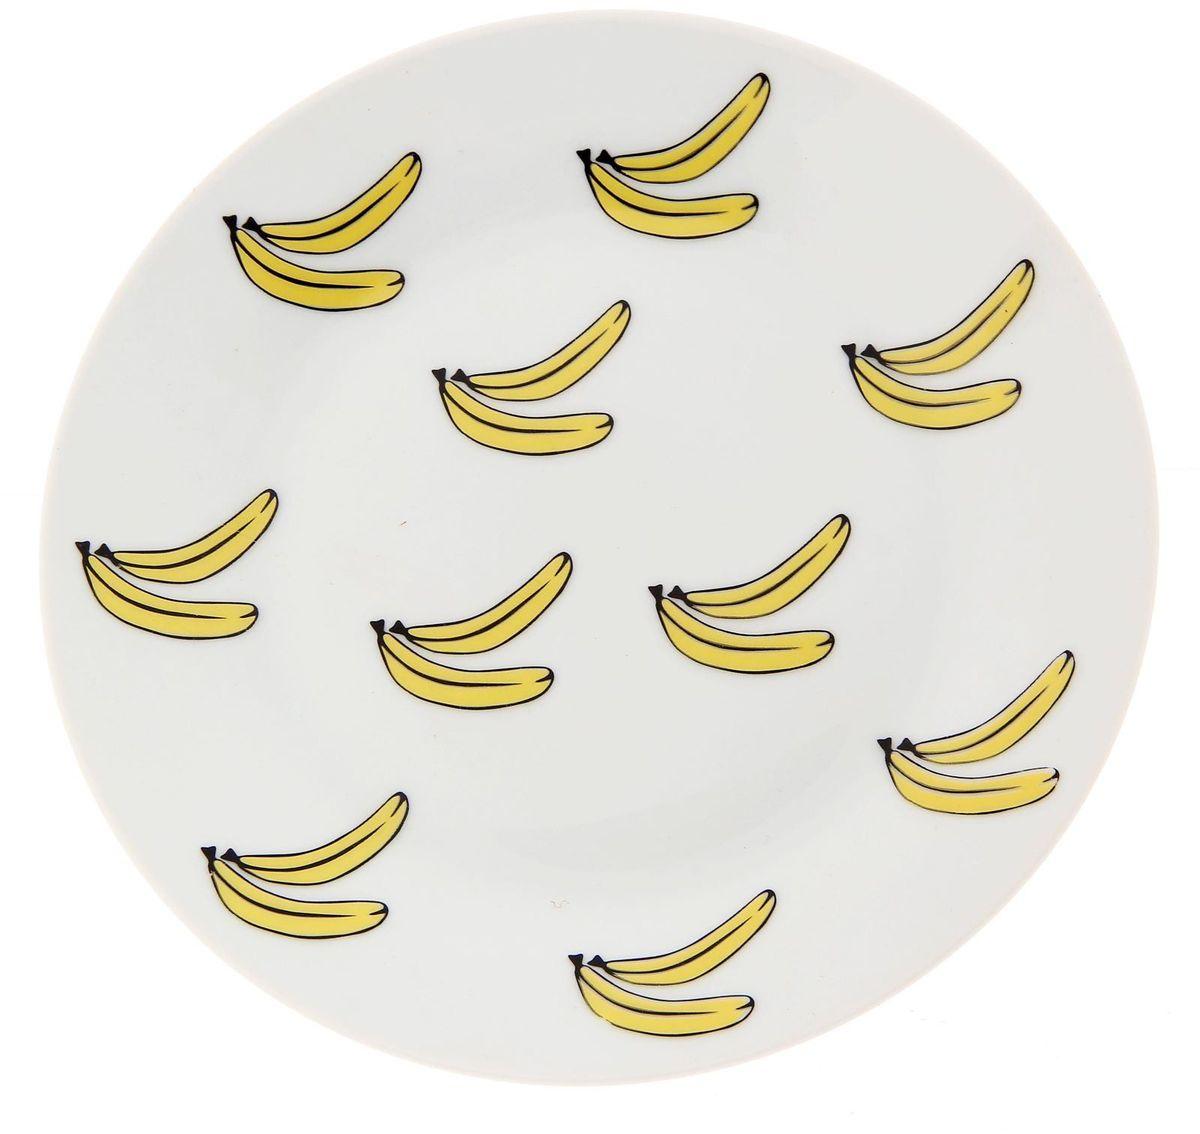 Тарелка мелкая Сотвори чудо Бананы, диаметр 20 см2277869Хотите обновить интерьер кухни или гостиной? Устраиваете необычную фотосессию или тематический праздник? А может, просто ищете подарок для близкого человека? Посуда Сотвори Чудо — правильный выбор в любой ситуации. Тарелка Сотвори Чудо, изготовленная из изящного фаянса нежного сливочного цвета, оформлена оригинальным рисунком со стойкой краской. Пригодна для посудомоечной машины.